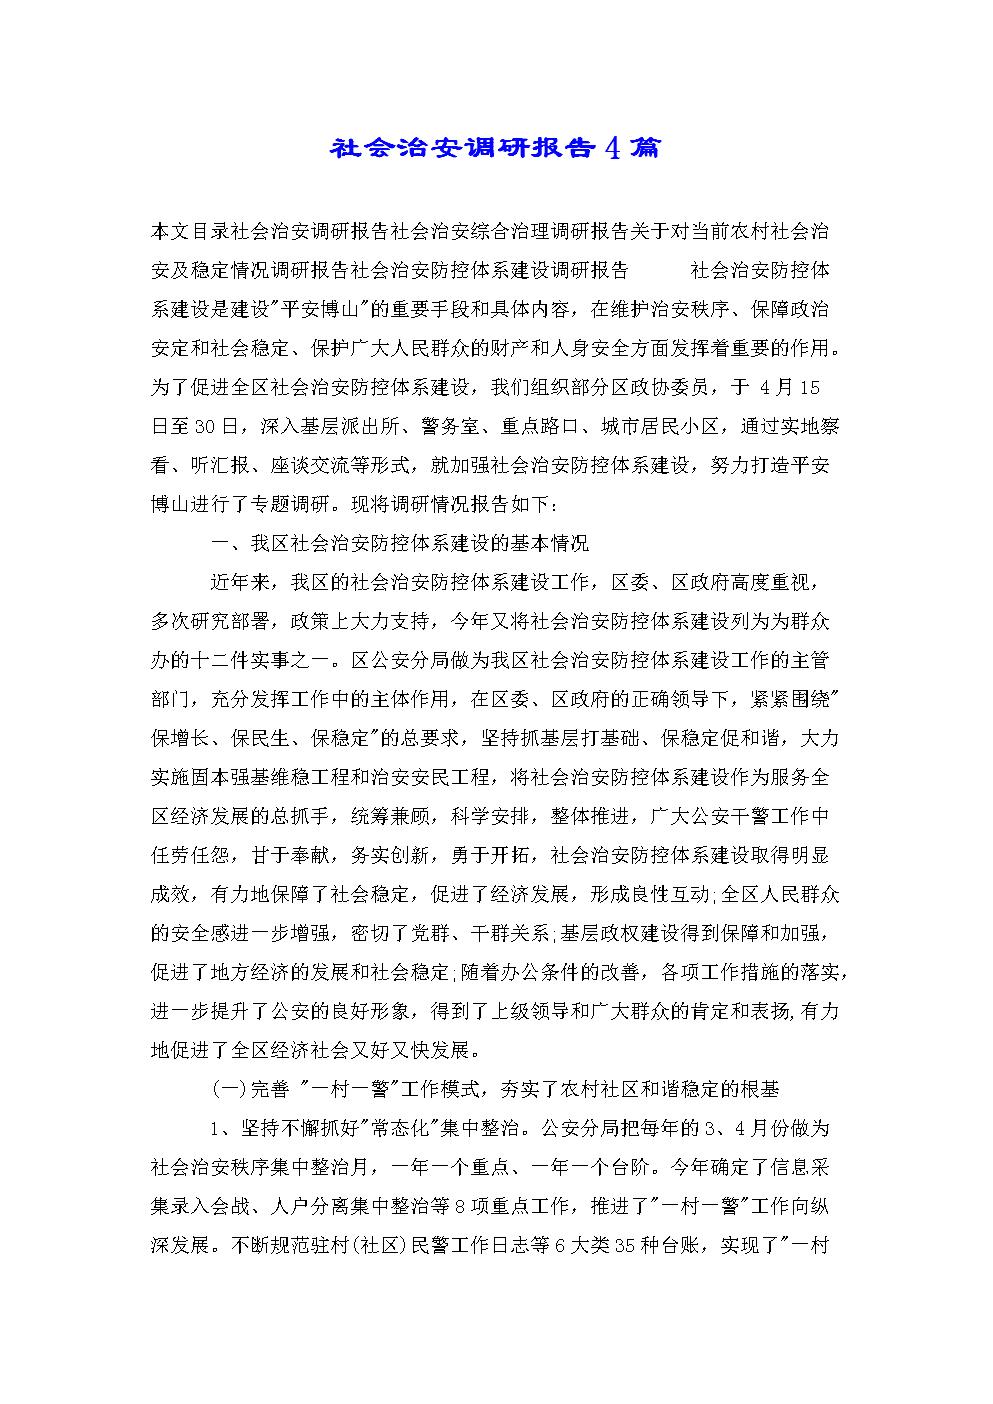 社会治安调研报告4篇.doc